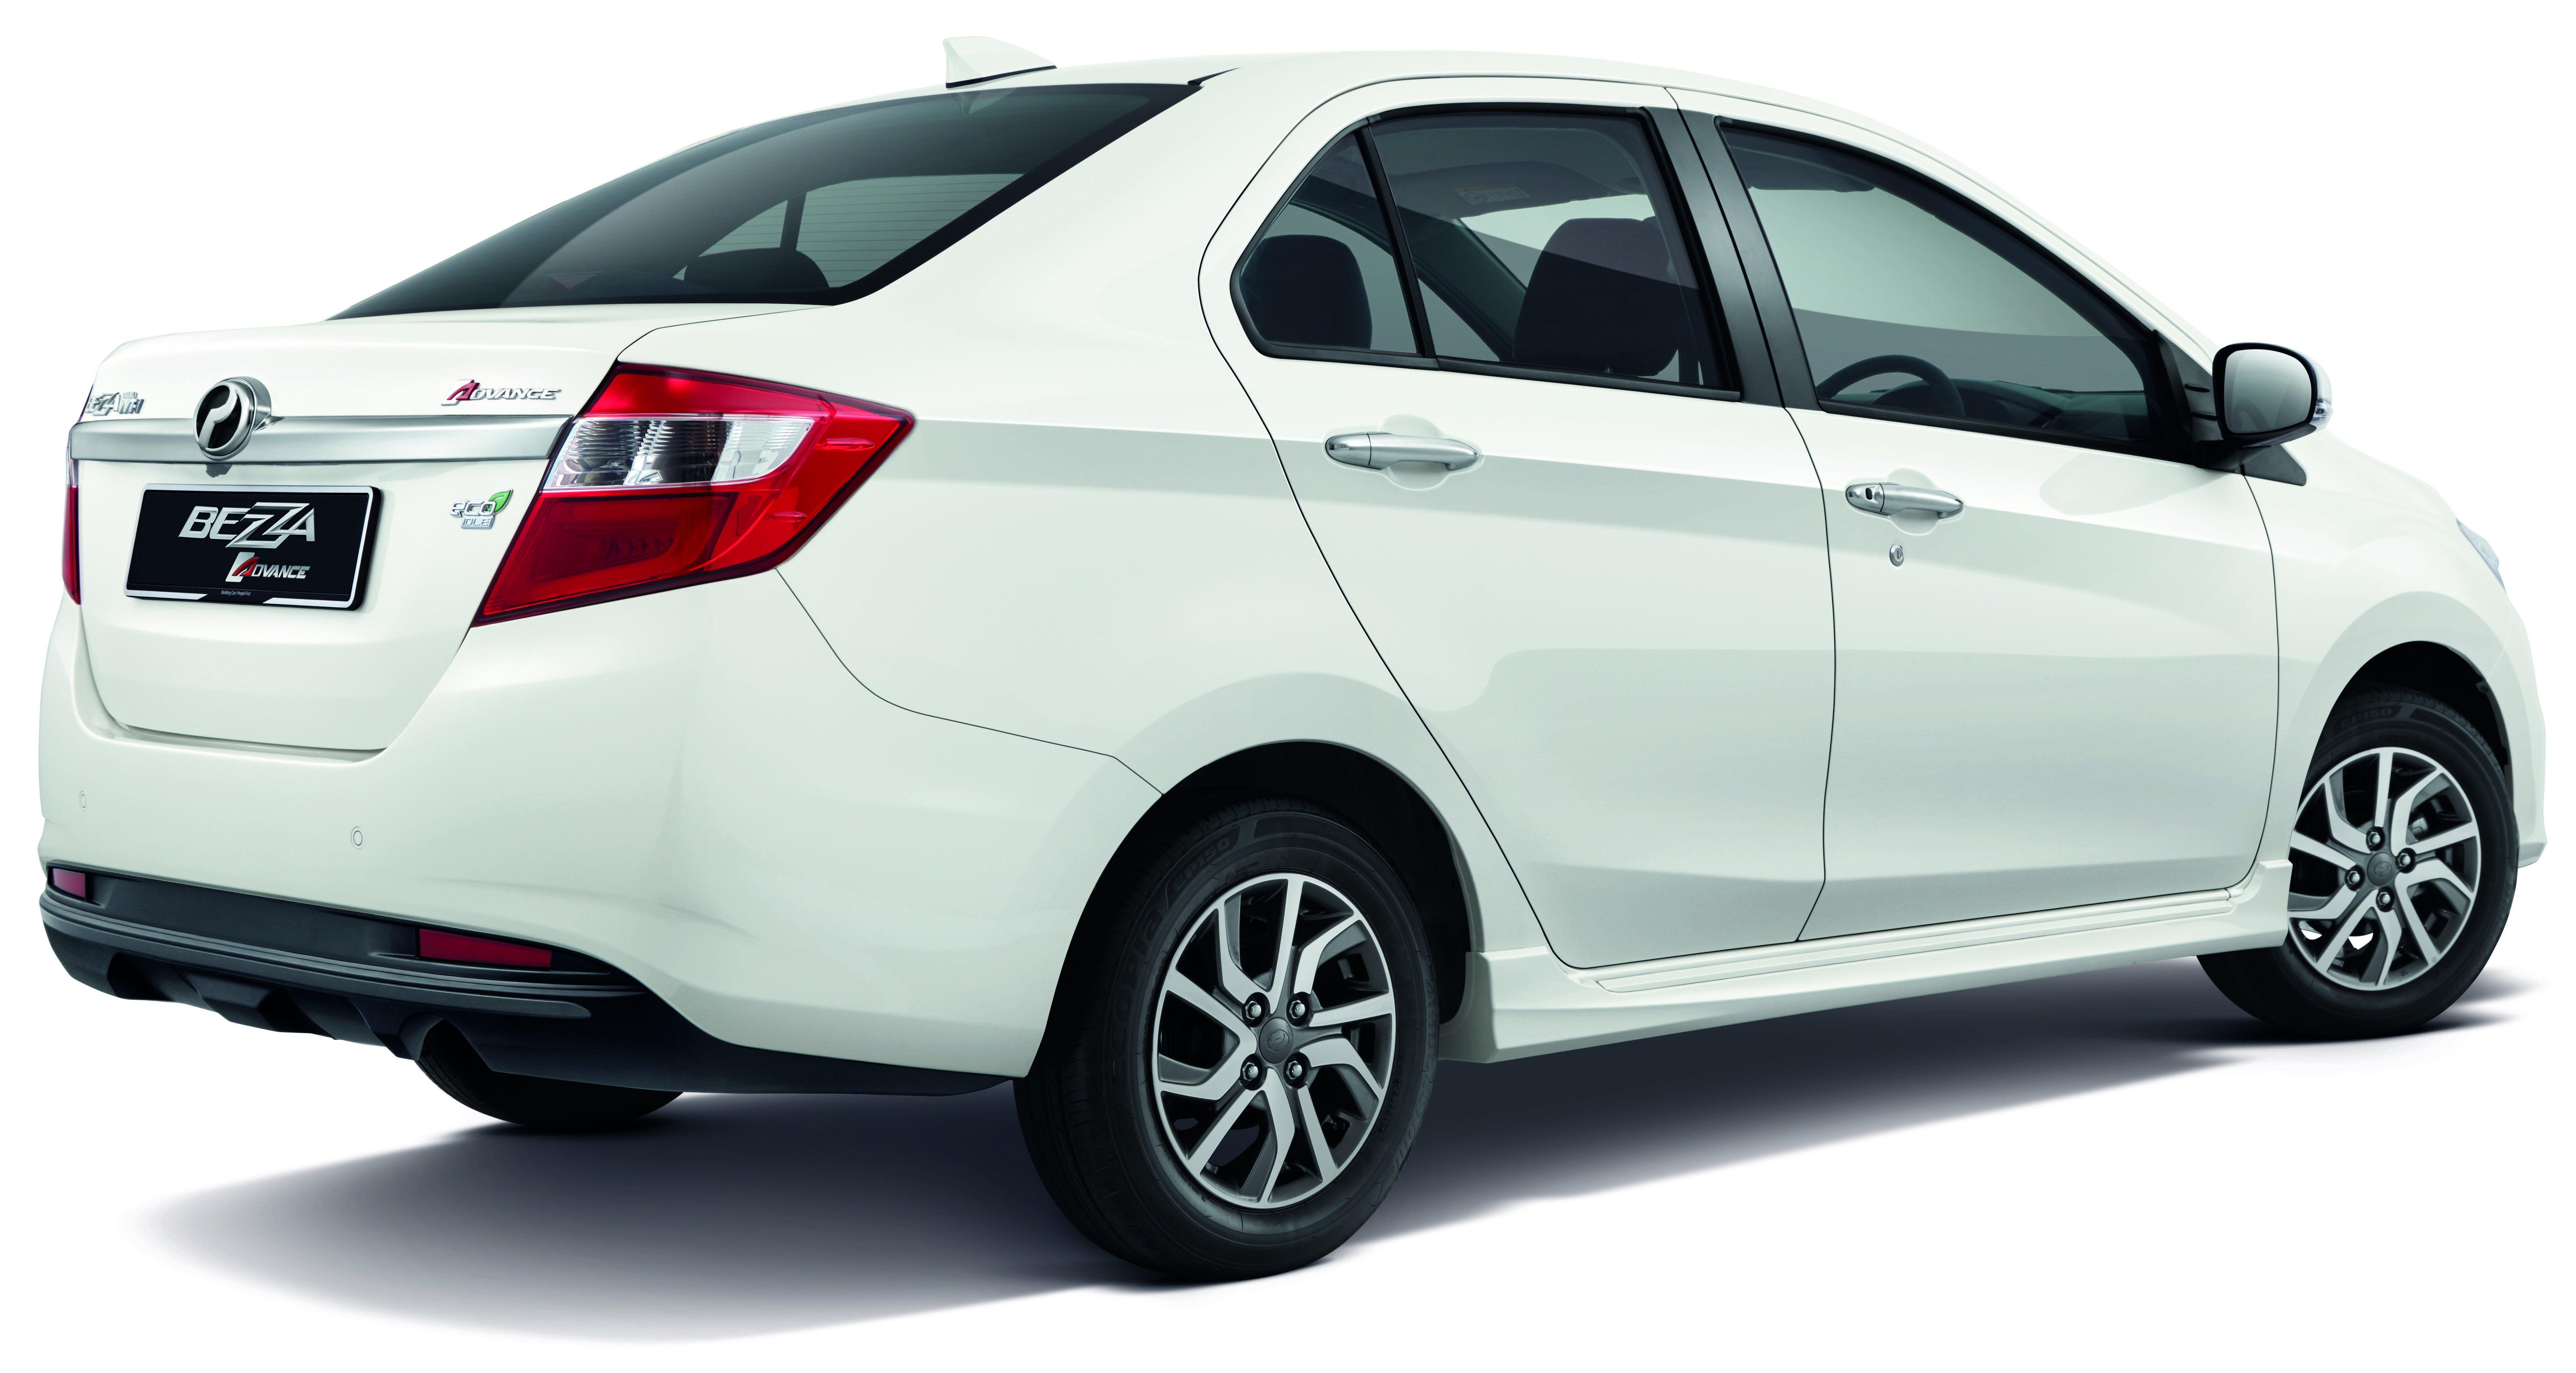 perodua new release carPerodua Bezza updated new rear bumper chrome interior trim